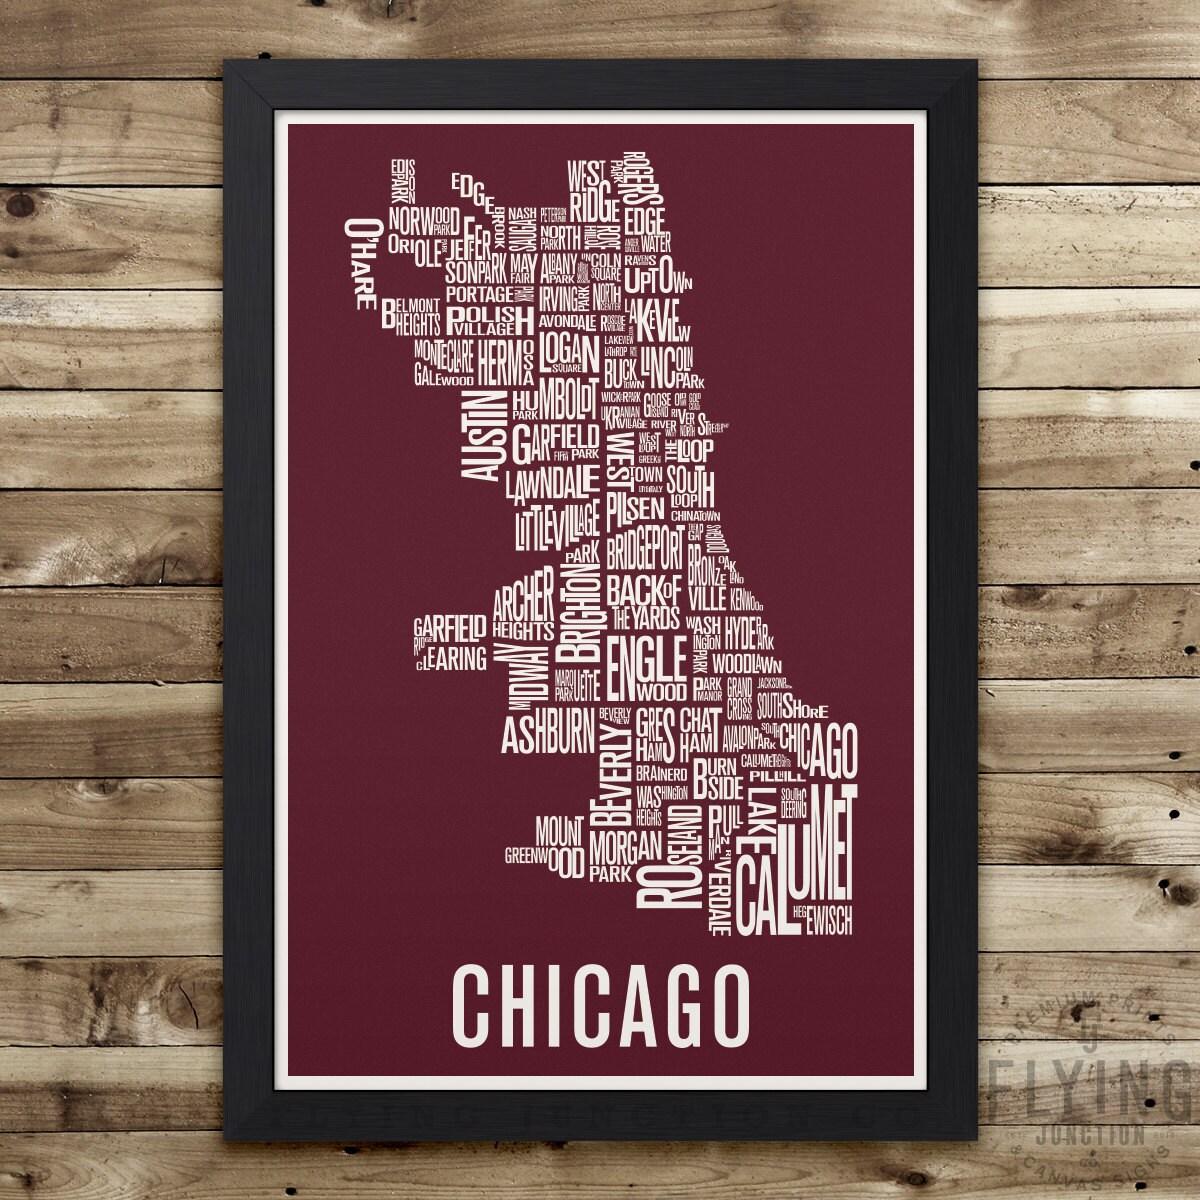 Chicago Wall Art chicago neighborhood map print chicago wall art chicago